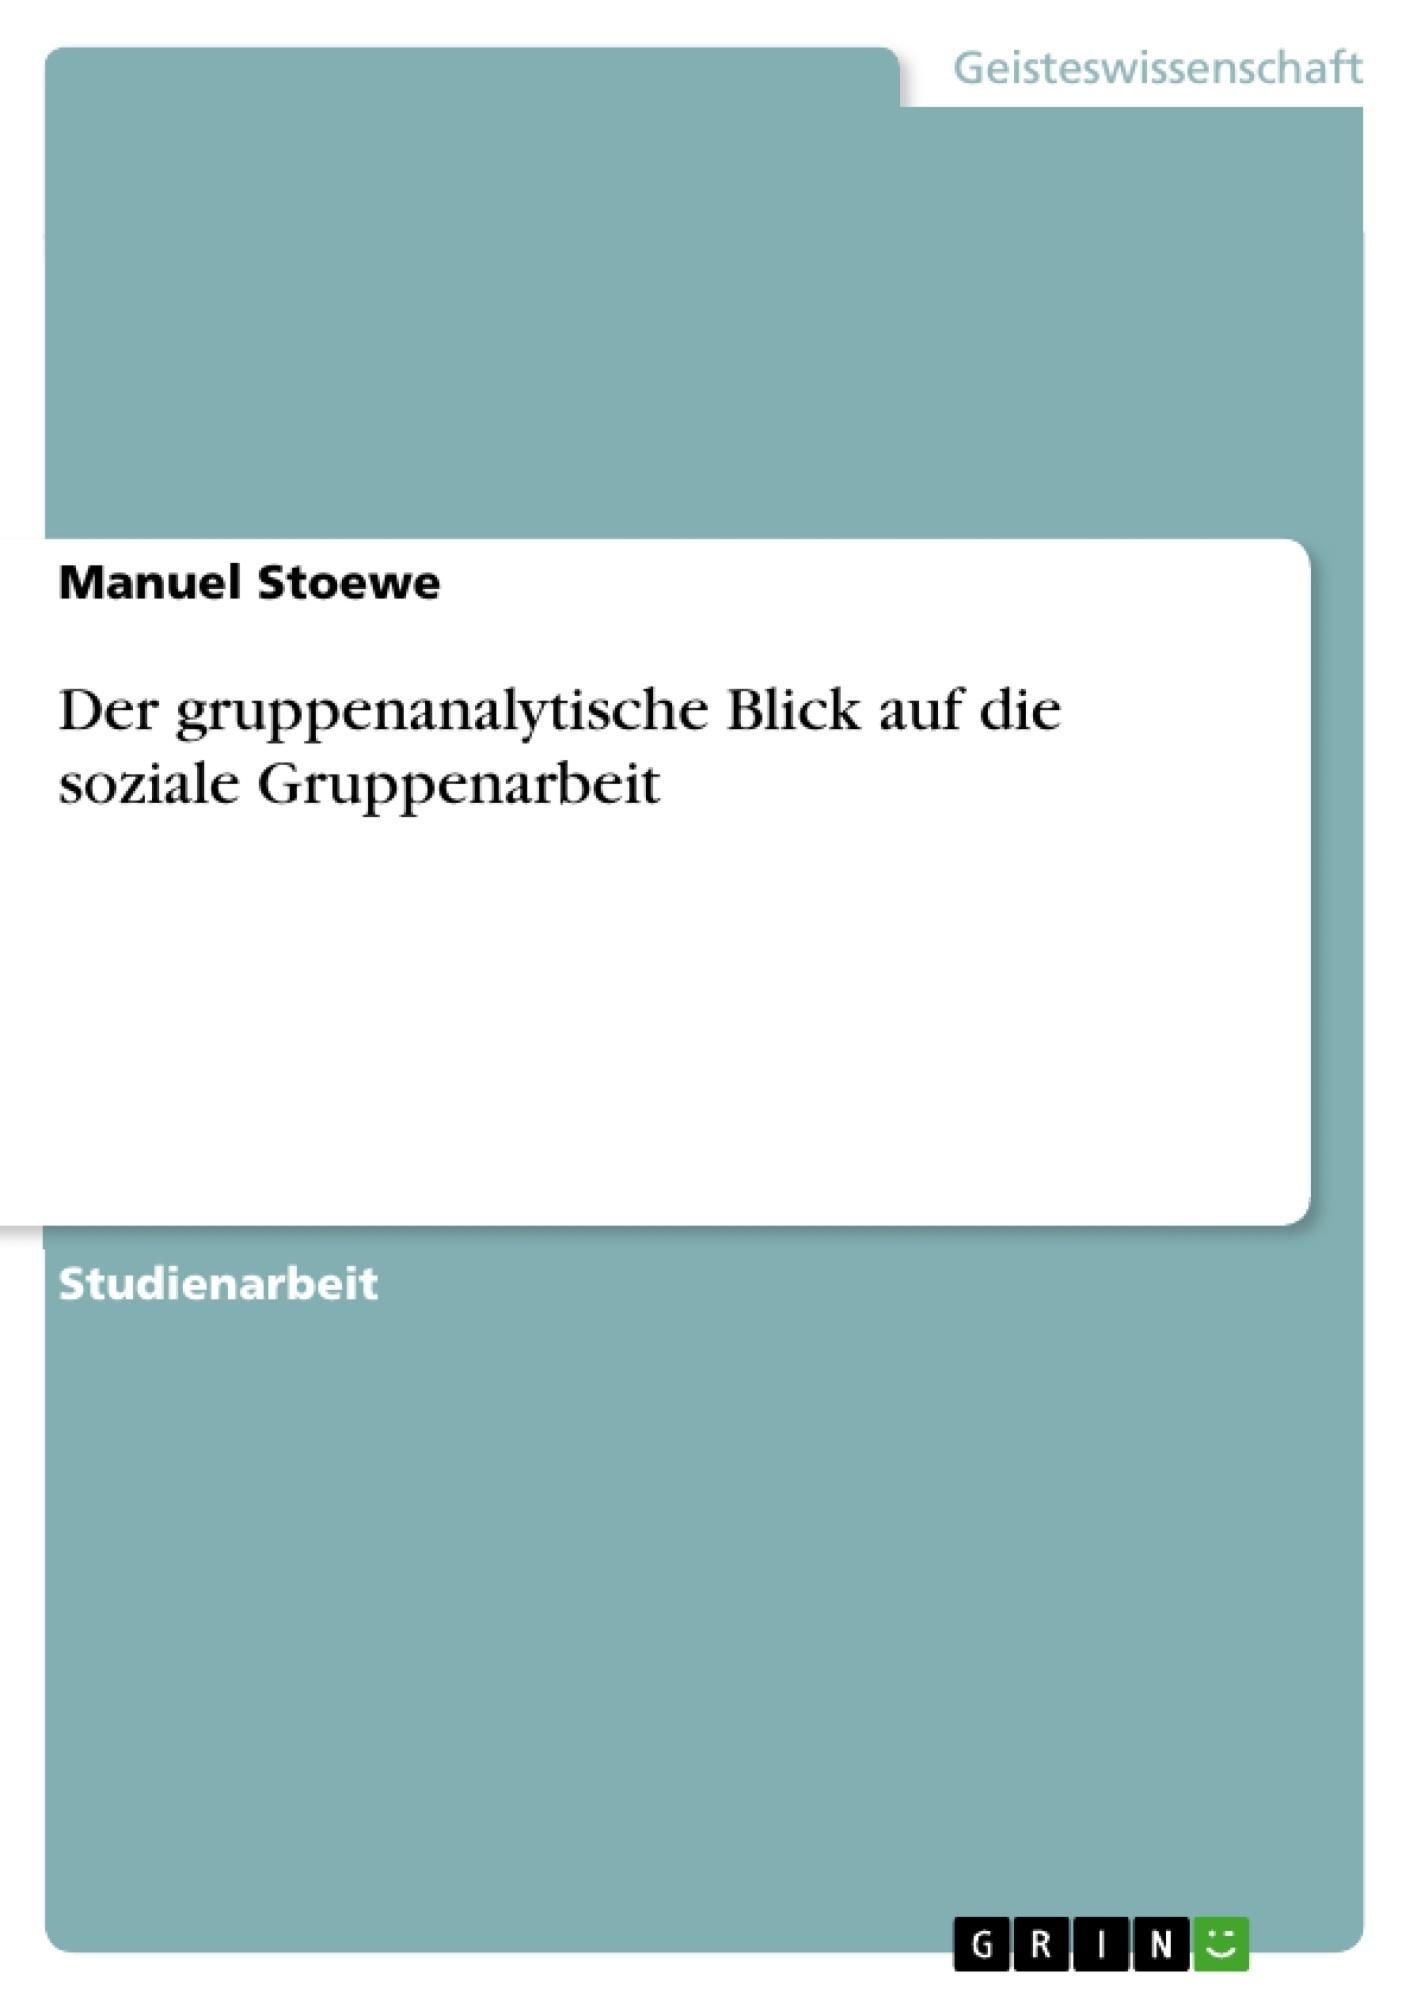 Titel: Der gruppenanalytische Blick auf die soziale Gruppenarbeit